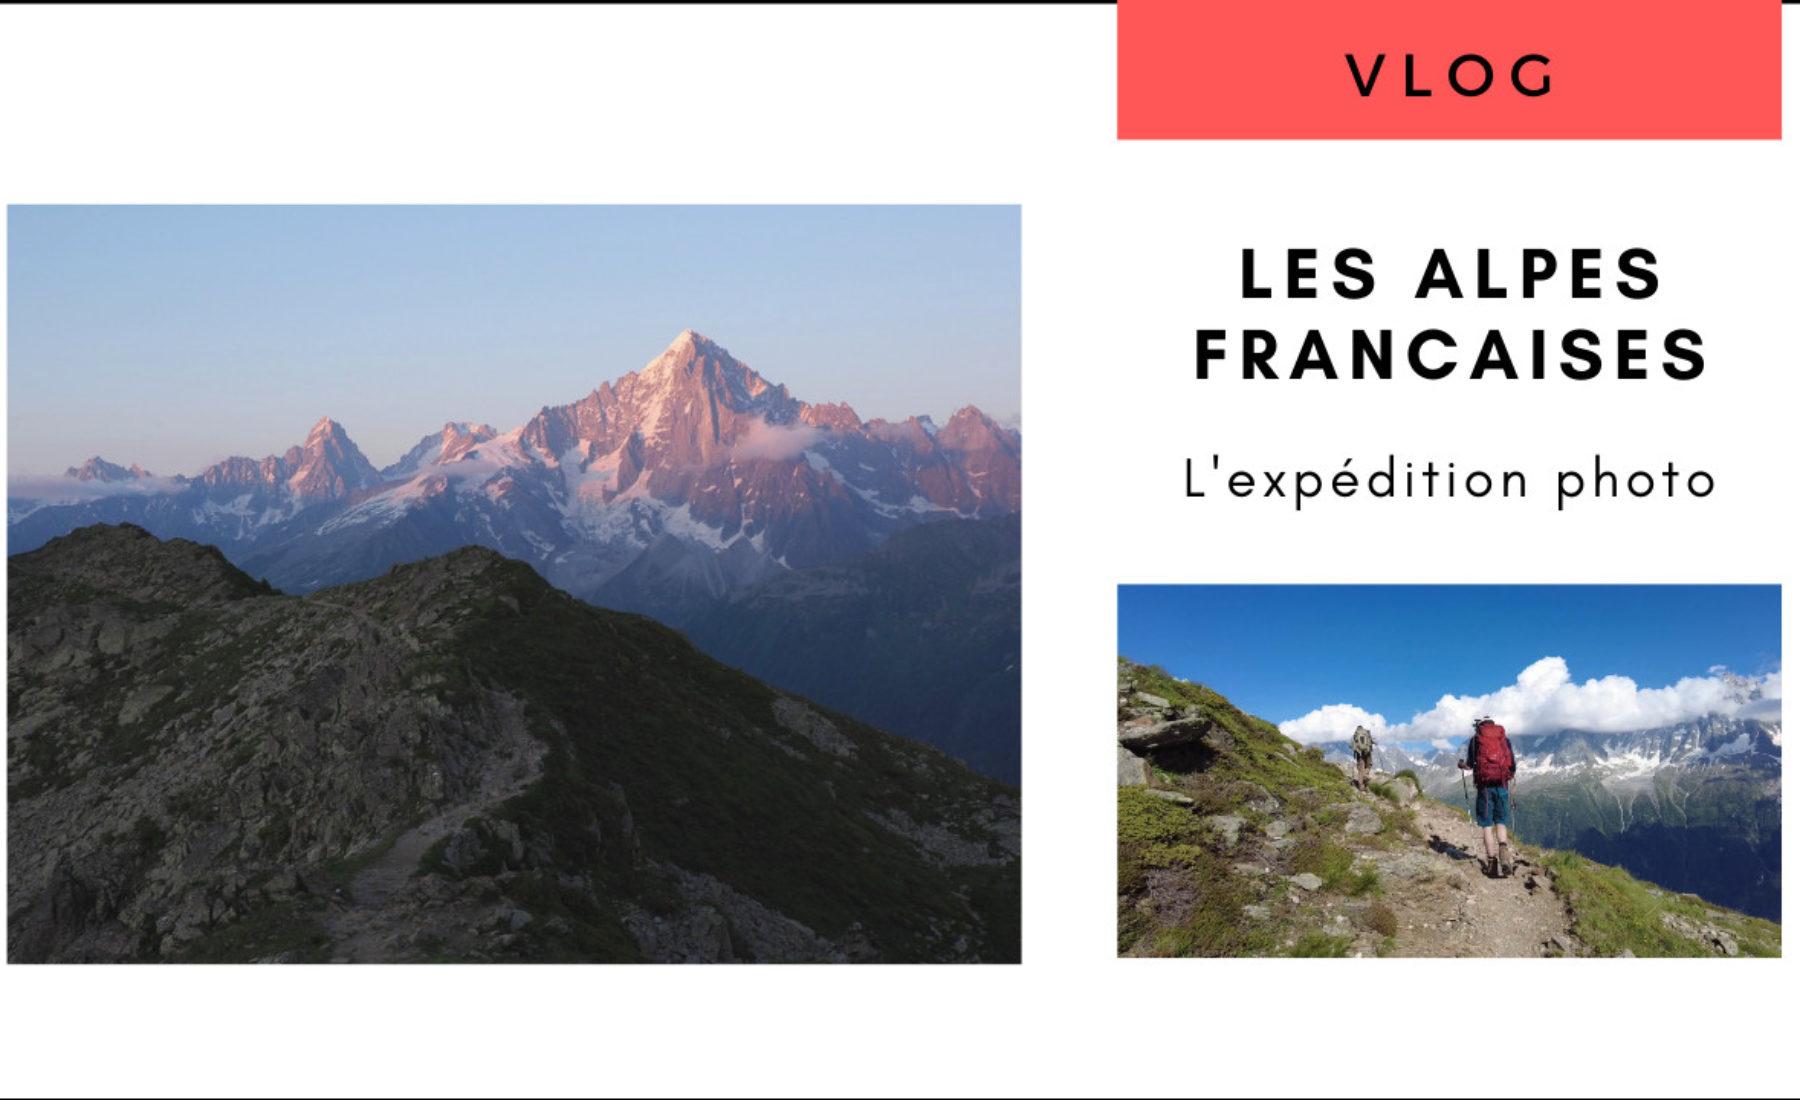 Plongez au coeur d'une expédition photo dans les Alpes Françaises